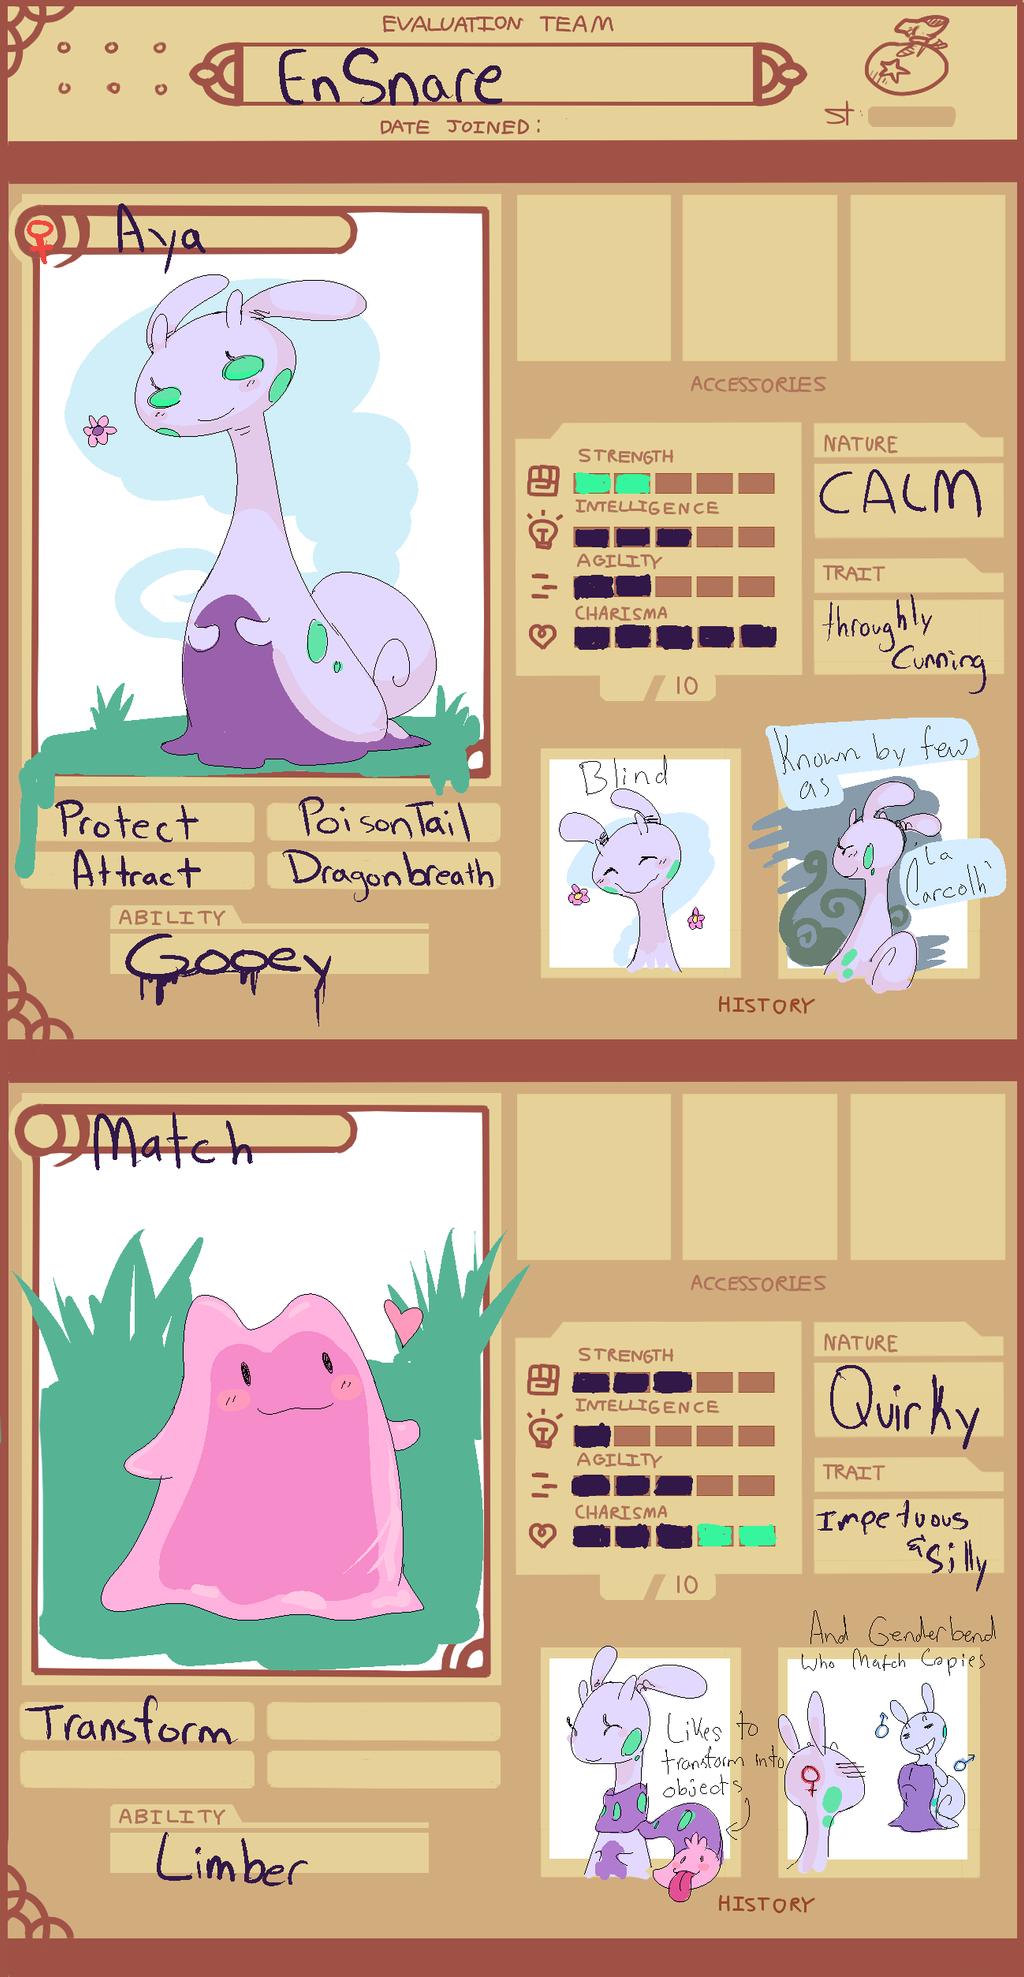 Team Ensnare App by CrazyIguana